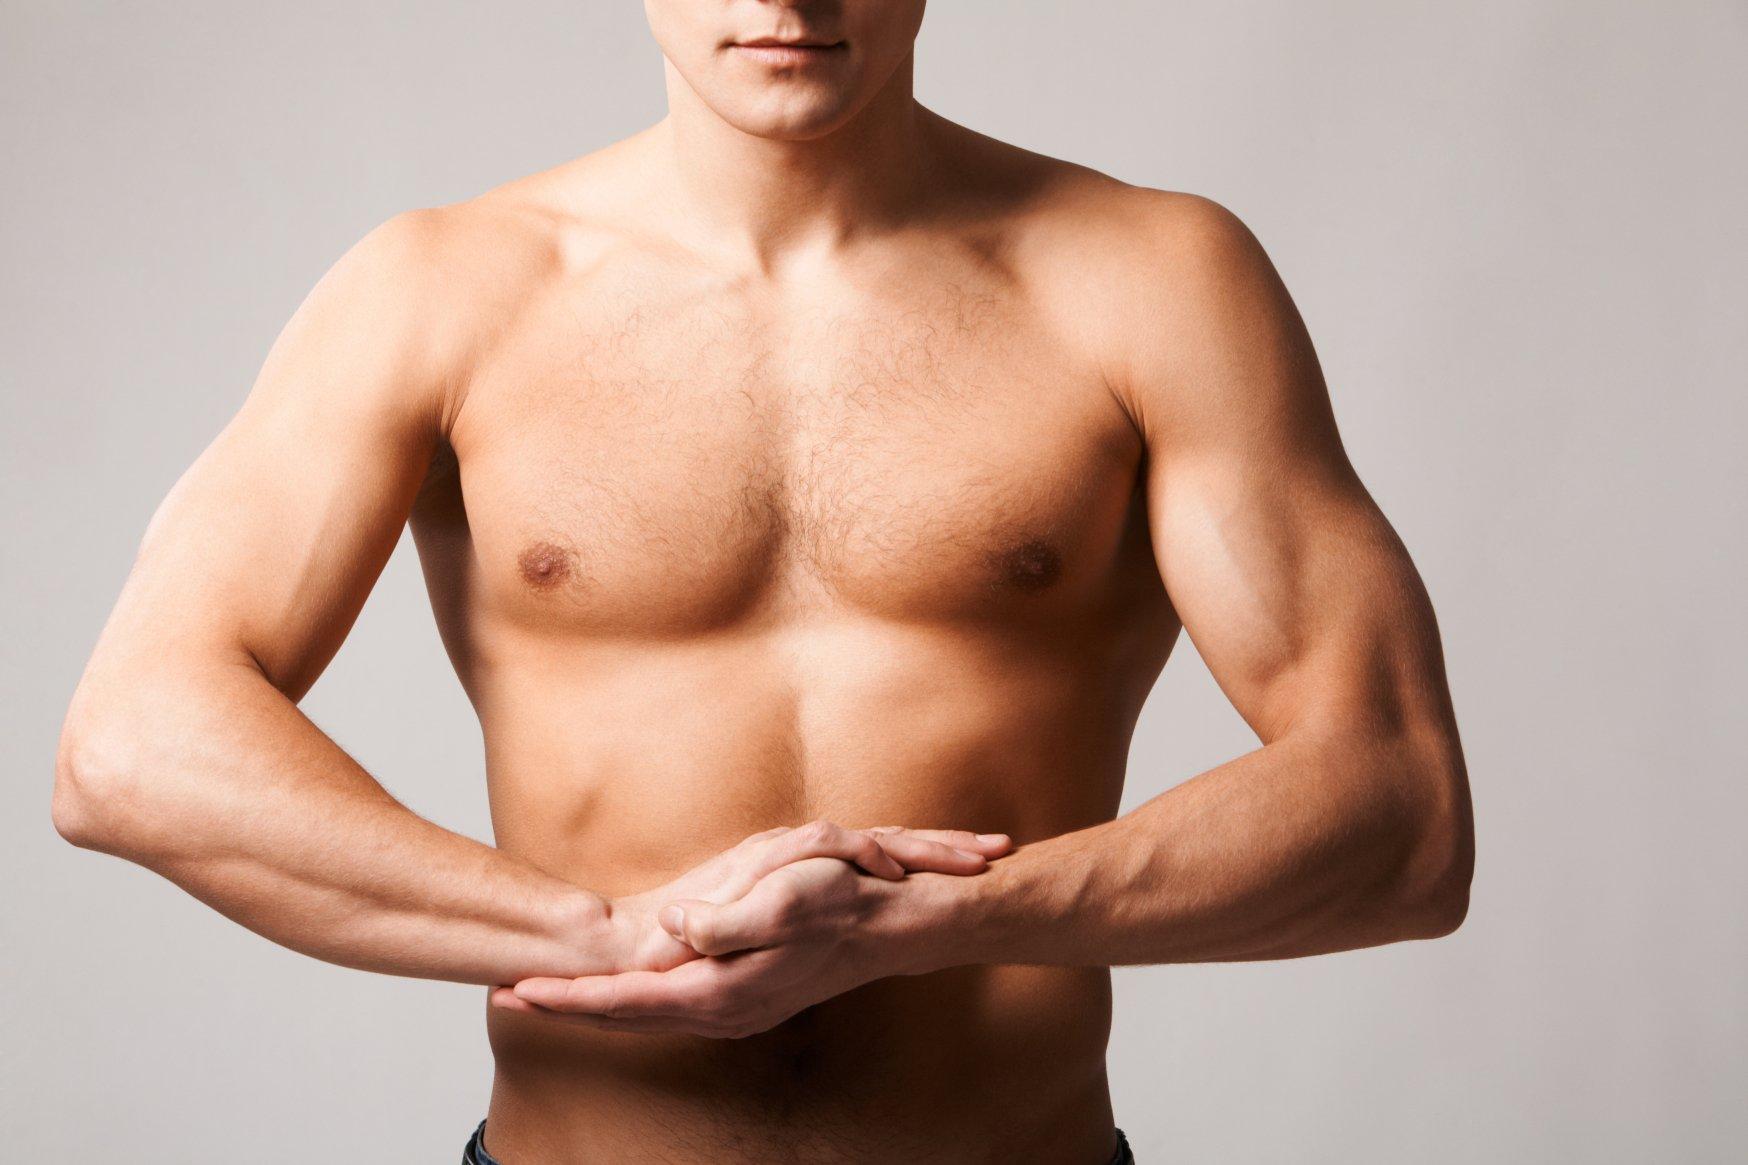 kodėl vyrams ryte nėra erekcijos viduryje erekcija dingsta